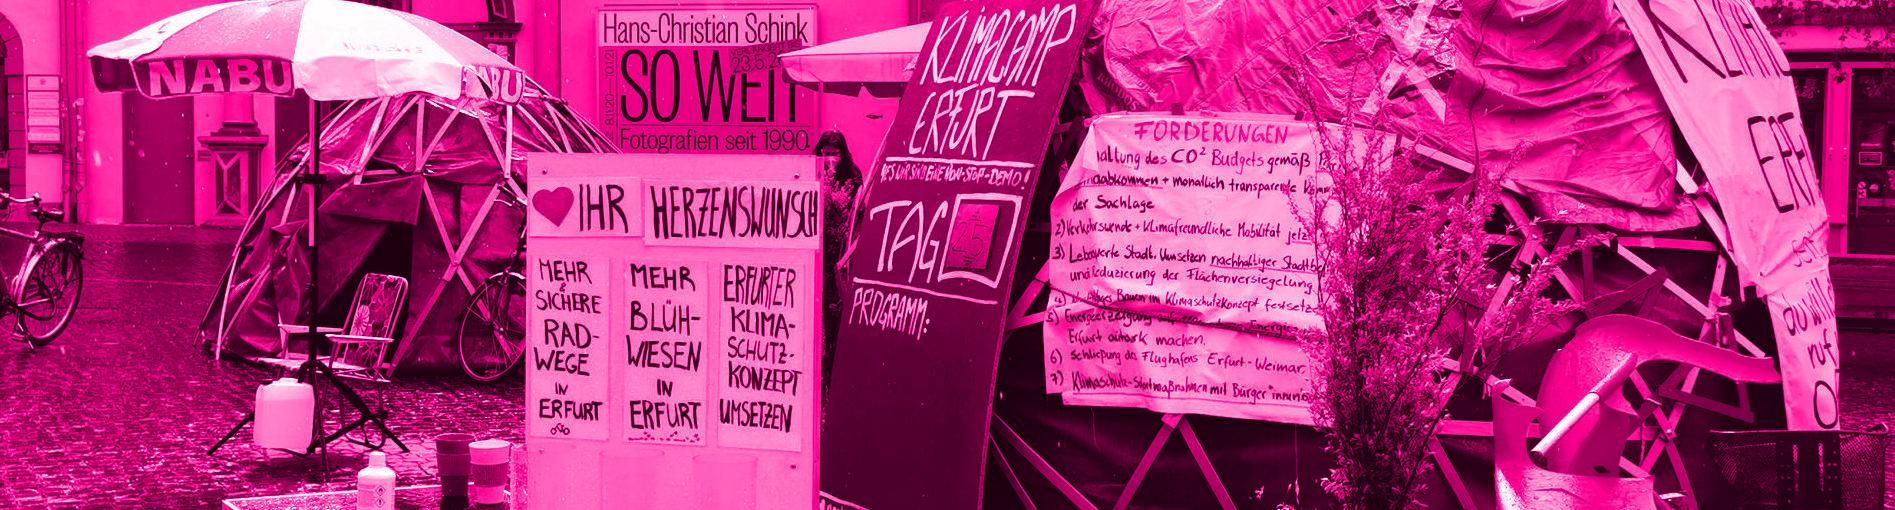 """Erfurt als """"Vorreiter"""" im Klimaschutz?"""